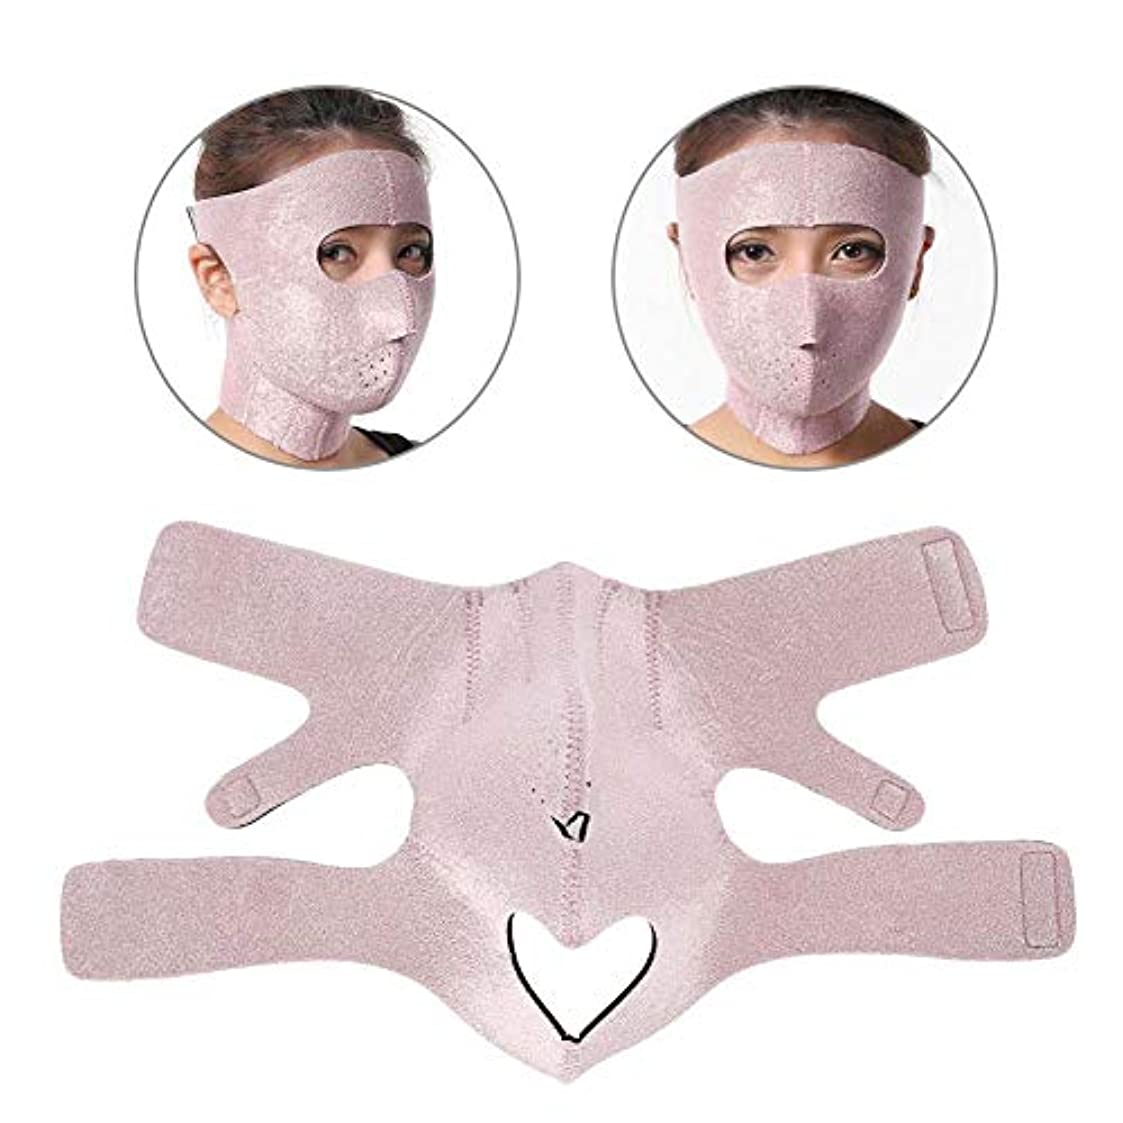 雇用雑草書店顔の輪郭を改善する 美容包帯 フェイスリフト用フェイスマスク 通気性/伸縮性/変形不可